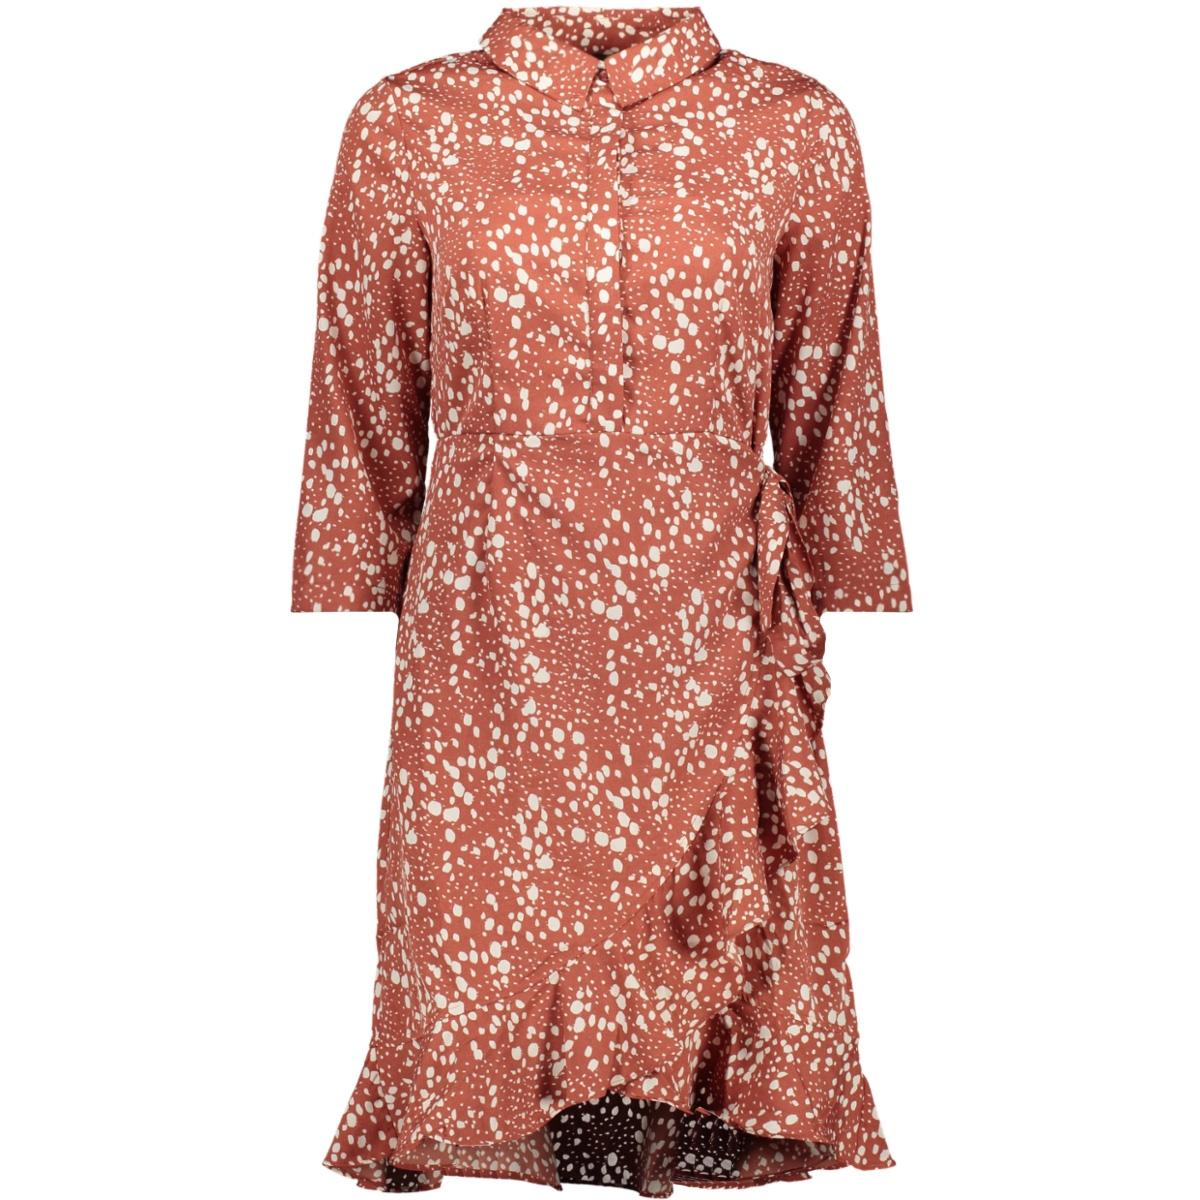 vmhenna 3/4 short shirt dress exp 10228919 vero moda jurk marsala/ellie